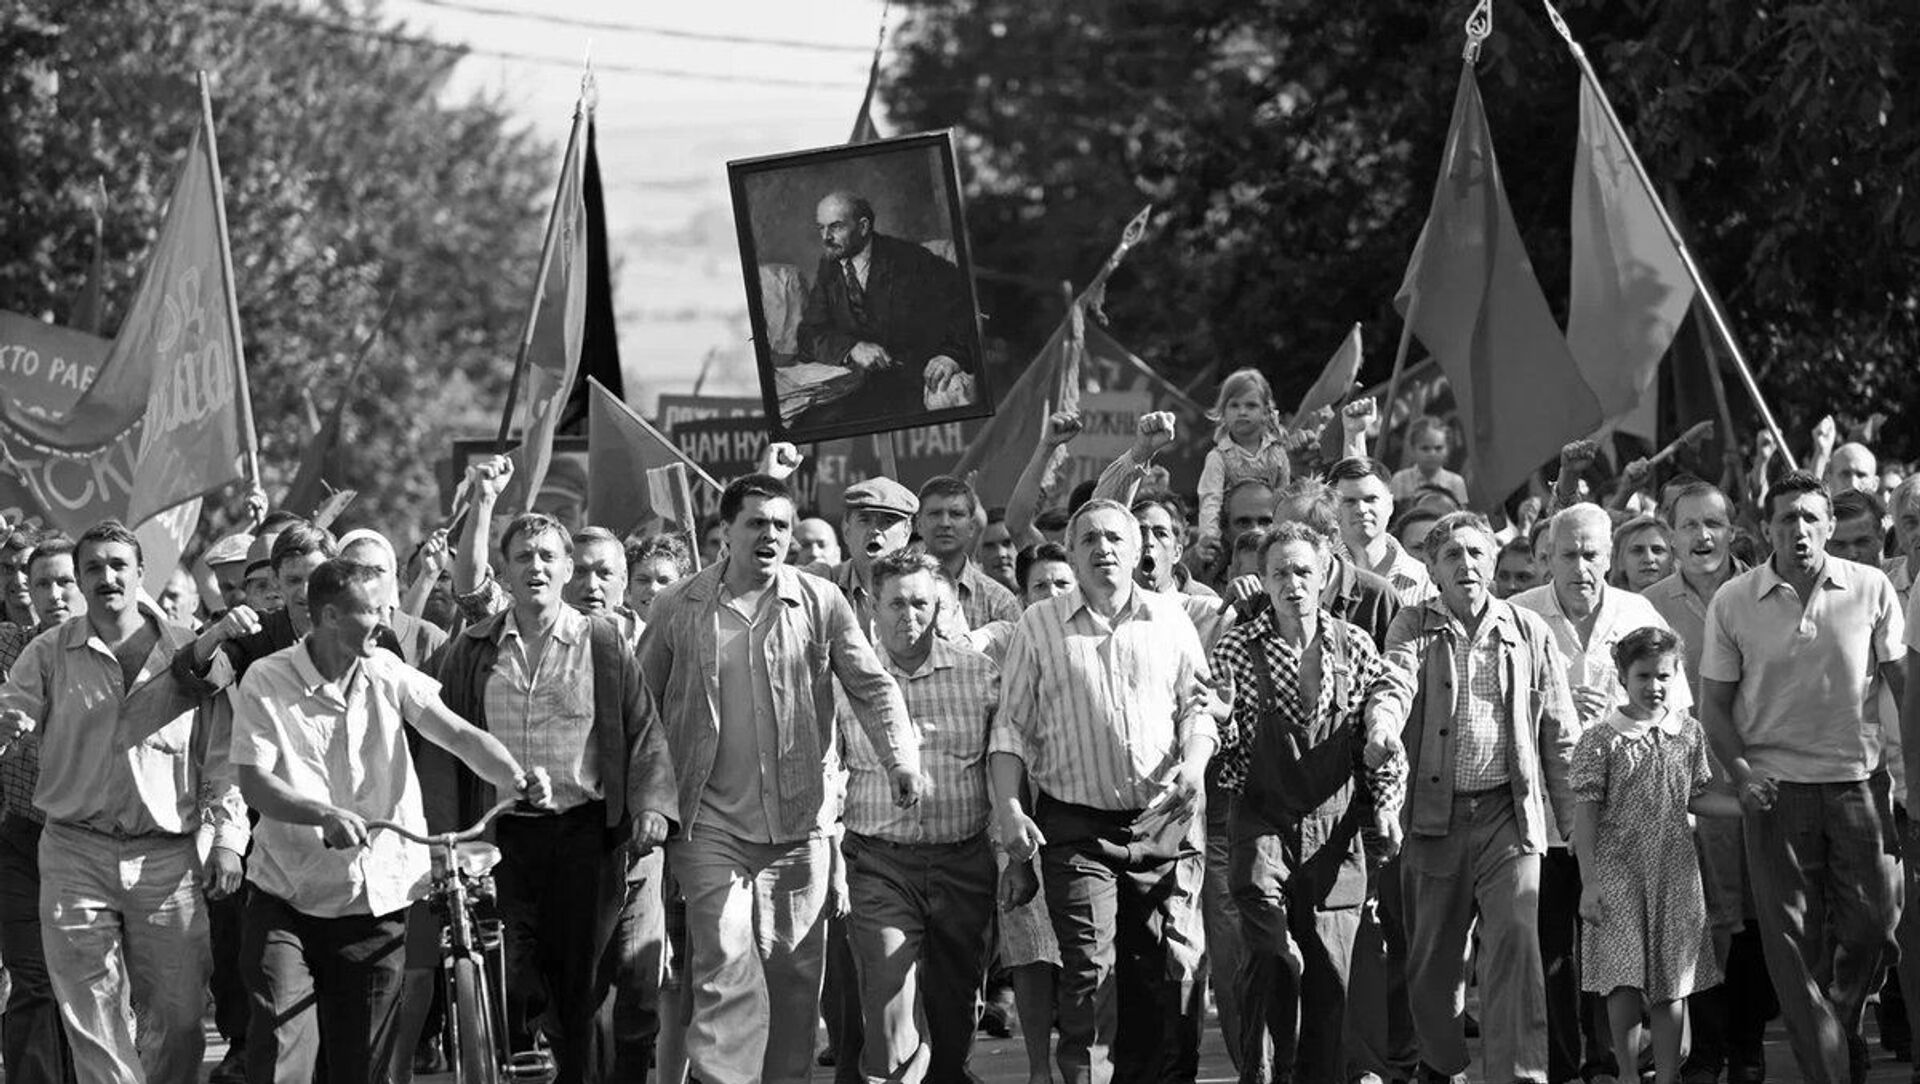 Кадр з фільма Дорогие товарищи! - Sputnik Беларусь, 1920, 12.02.2021